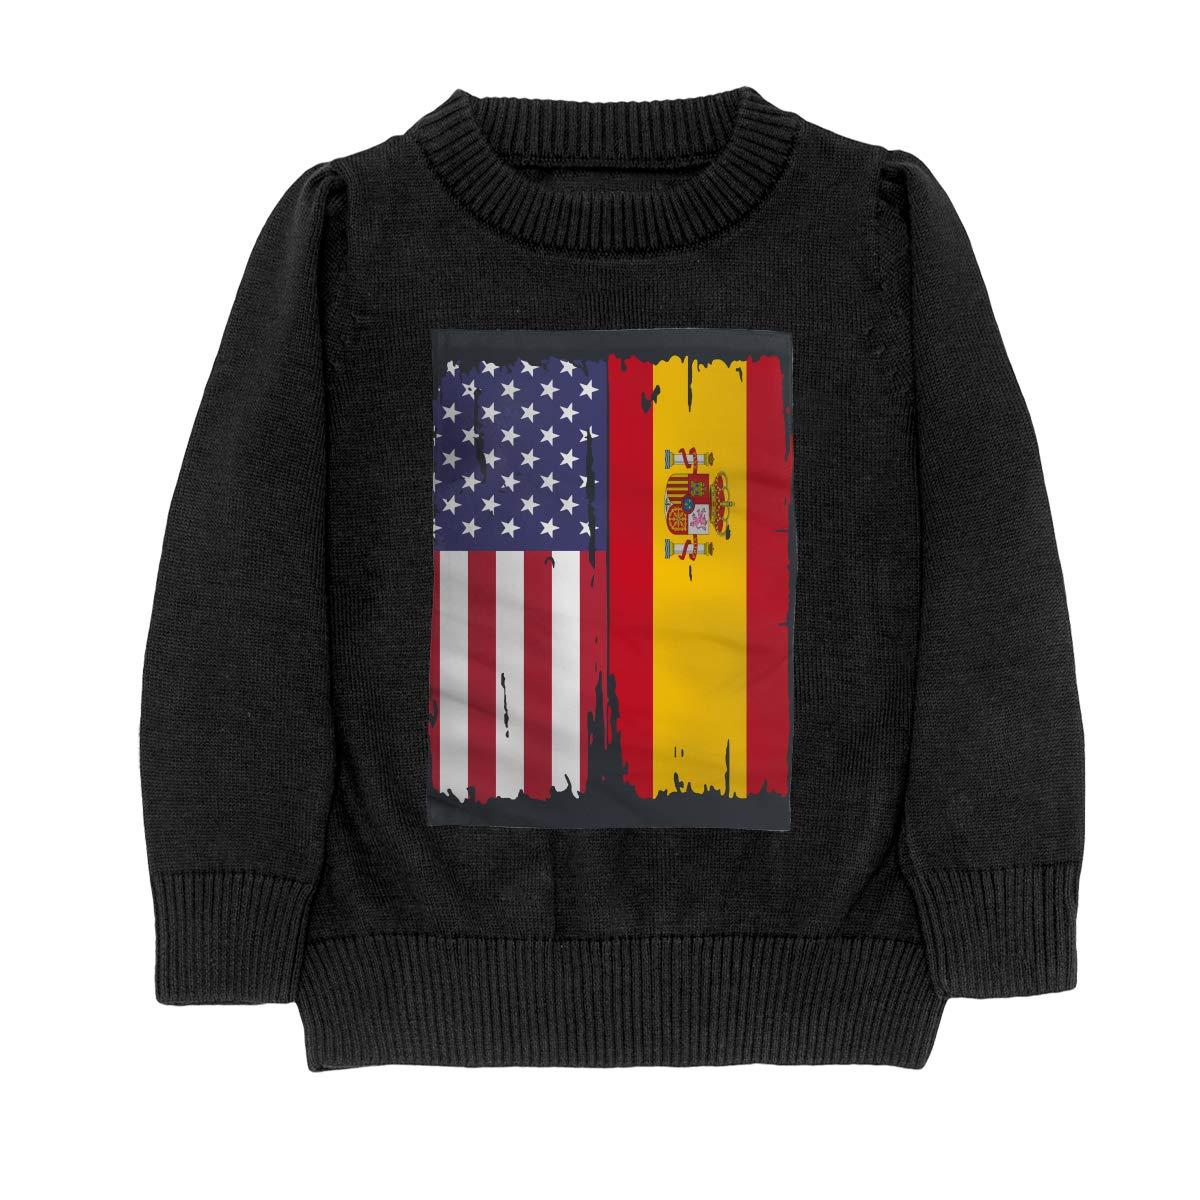 WWTBBJ-B American Spain Flag Fashion Adolescent Boys Girls Unisex Sweater Keep Warm